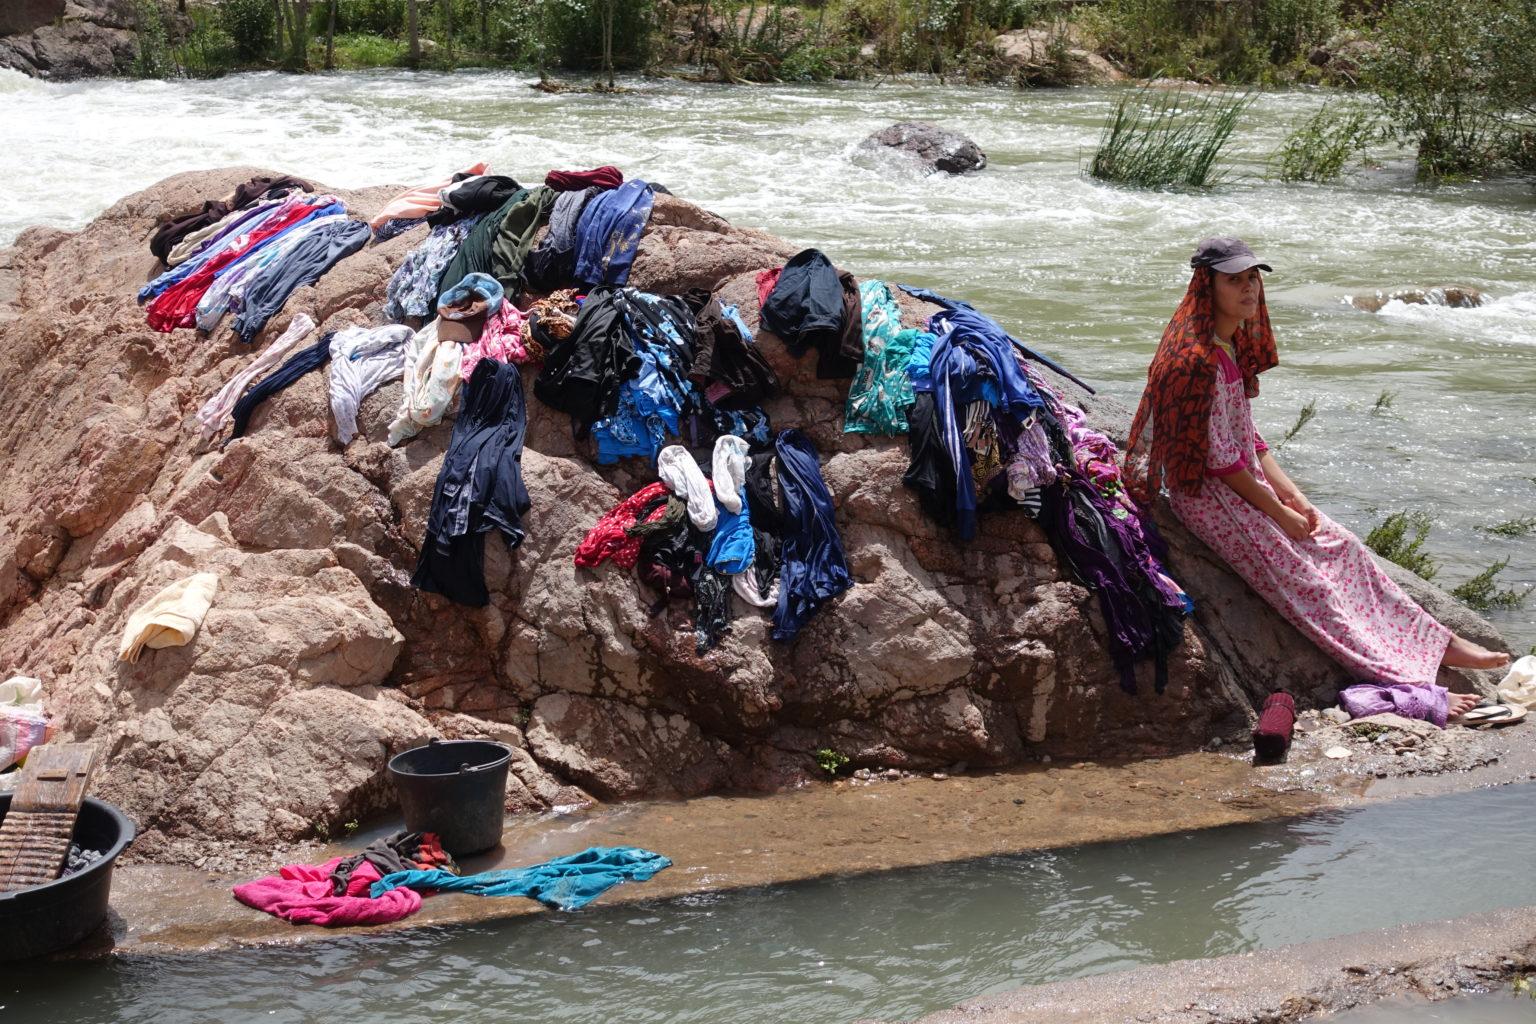 Potok stał się wioskową pralnią